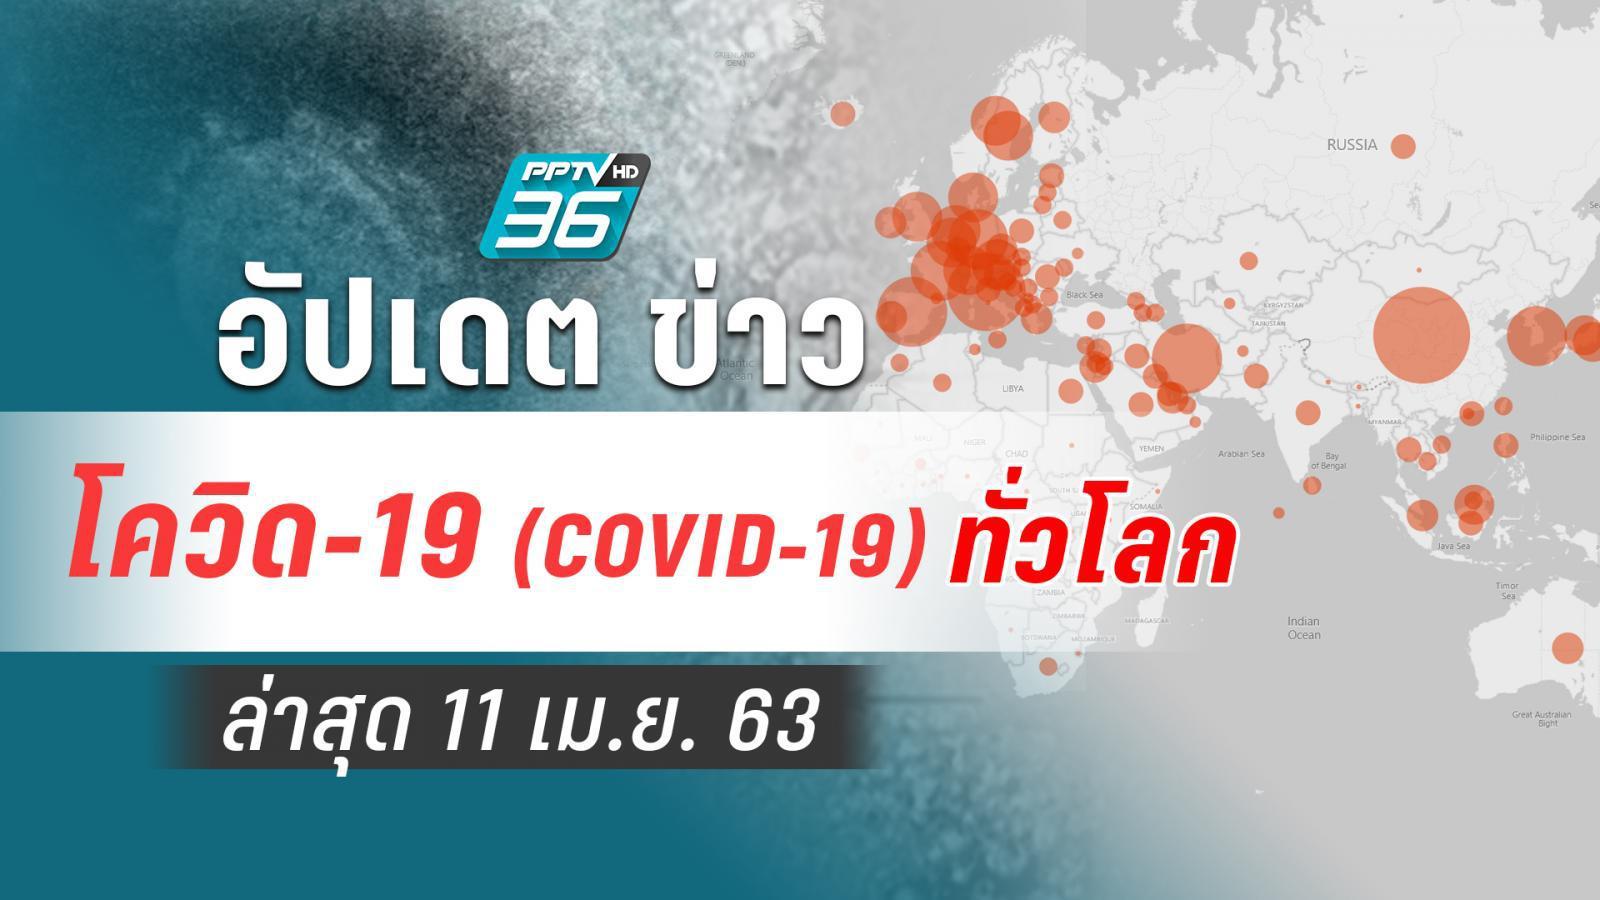 อัปเดตข่าว สถานการณ์ โควิด-19 ทั่วโลก ล่าสุด 11 เม.ย. 63